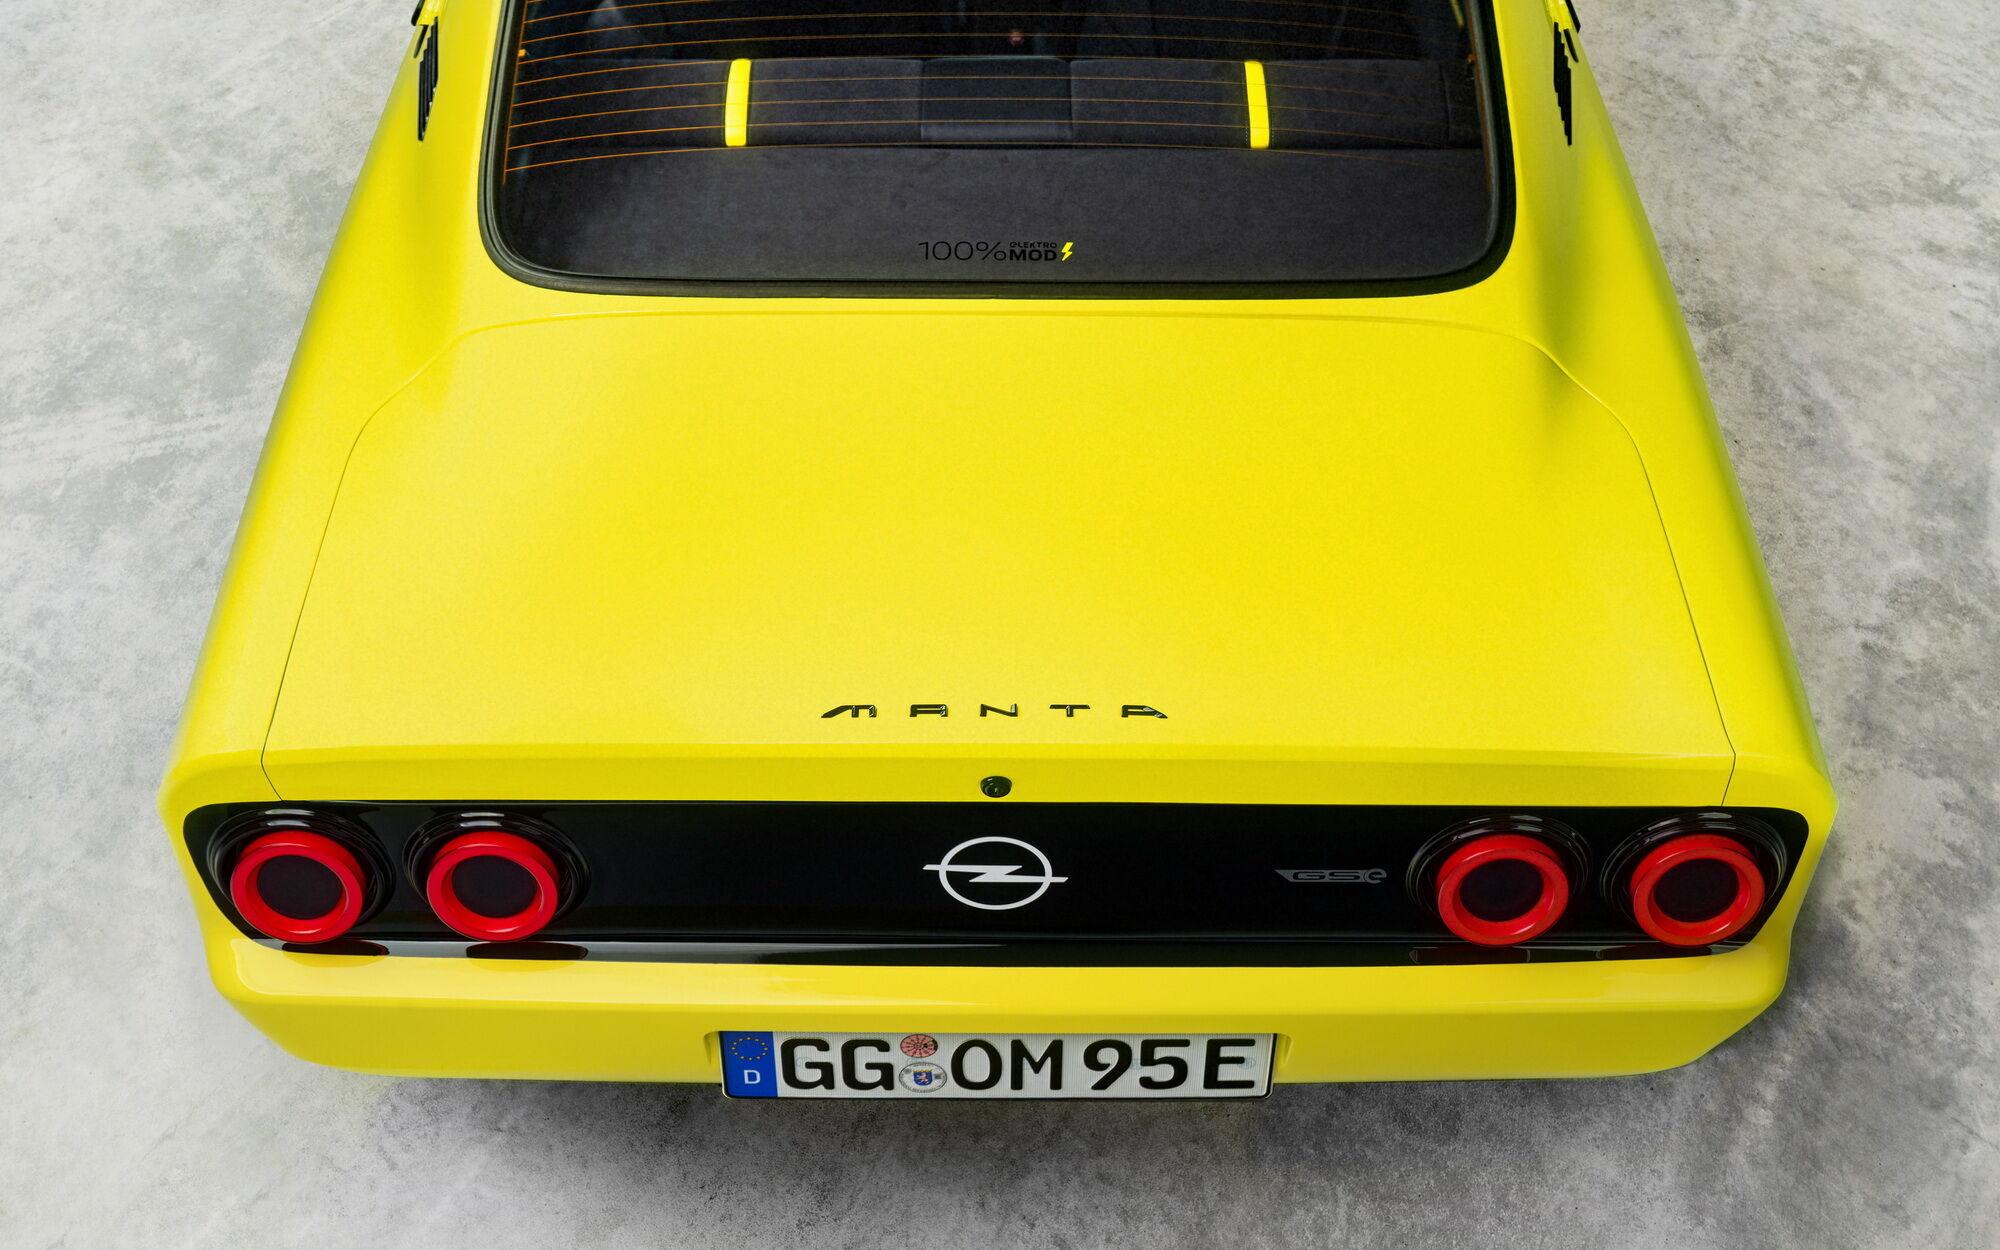 Сзади также используются светодиодные фонари, но они имеют круглую форму, как у Manta из 70-х